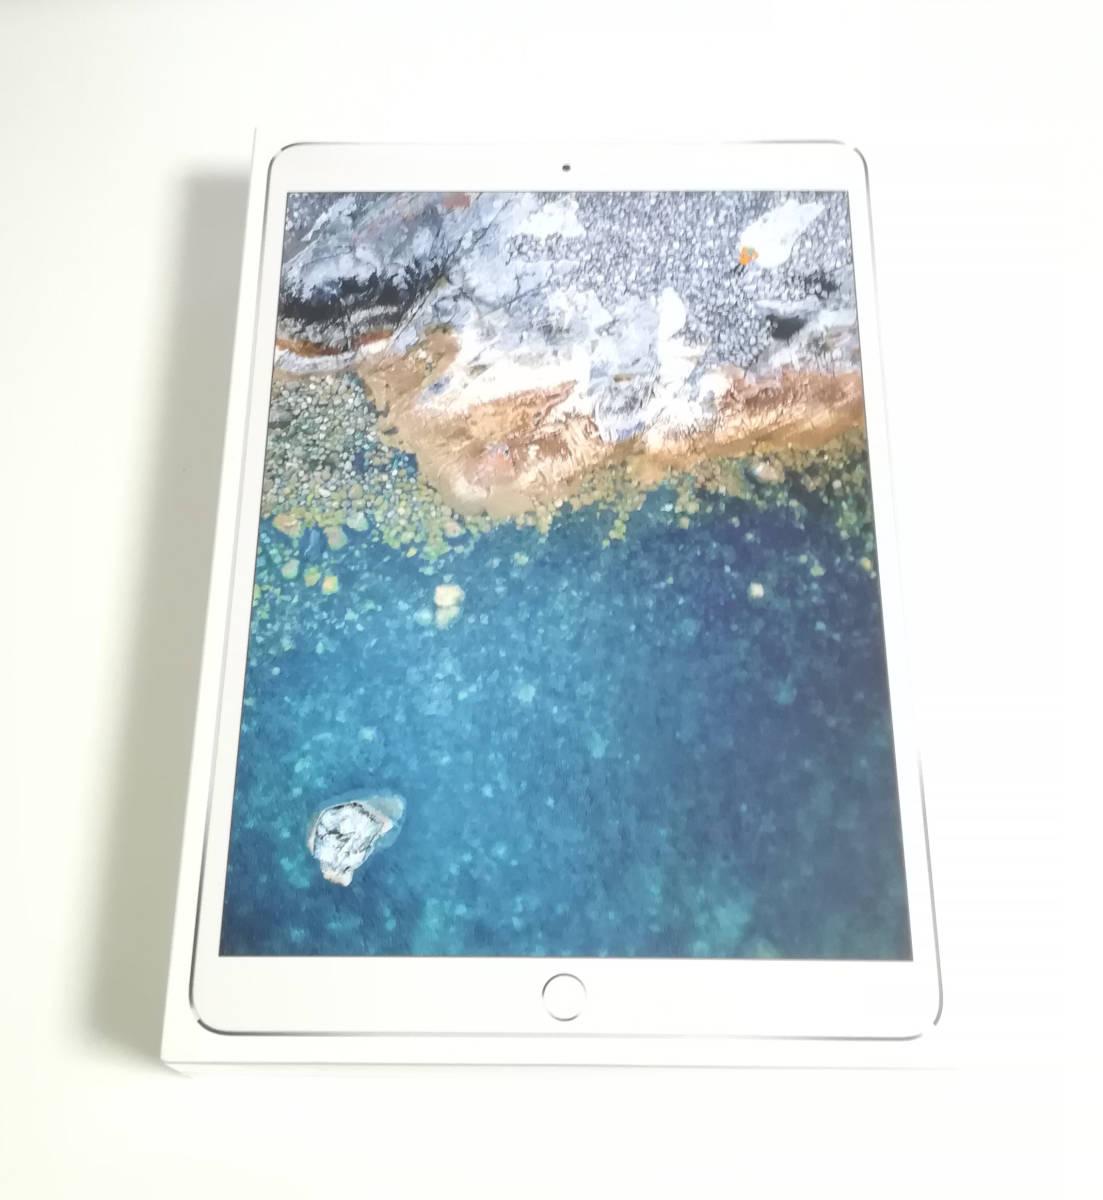 新品☆Apple iPad Pro 10.5インチ Wi-Fiモデル 512GB☆シルバー MPGJ2J/A Silver